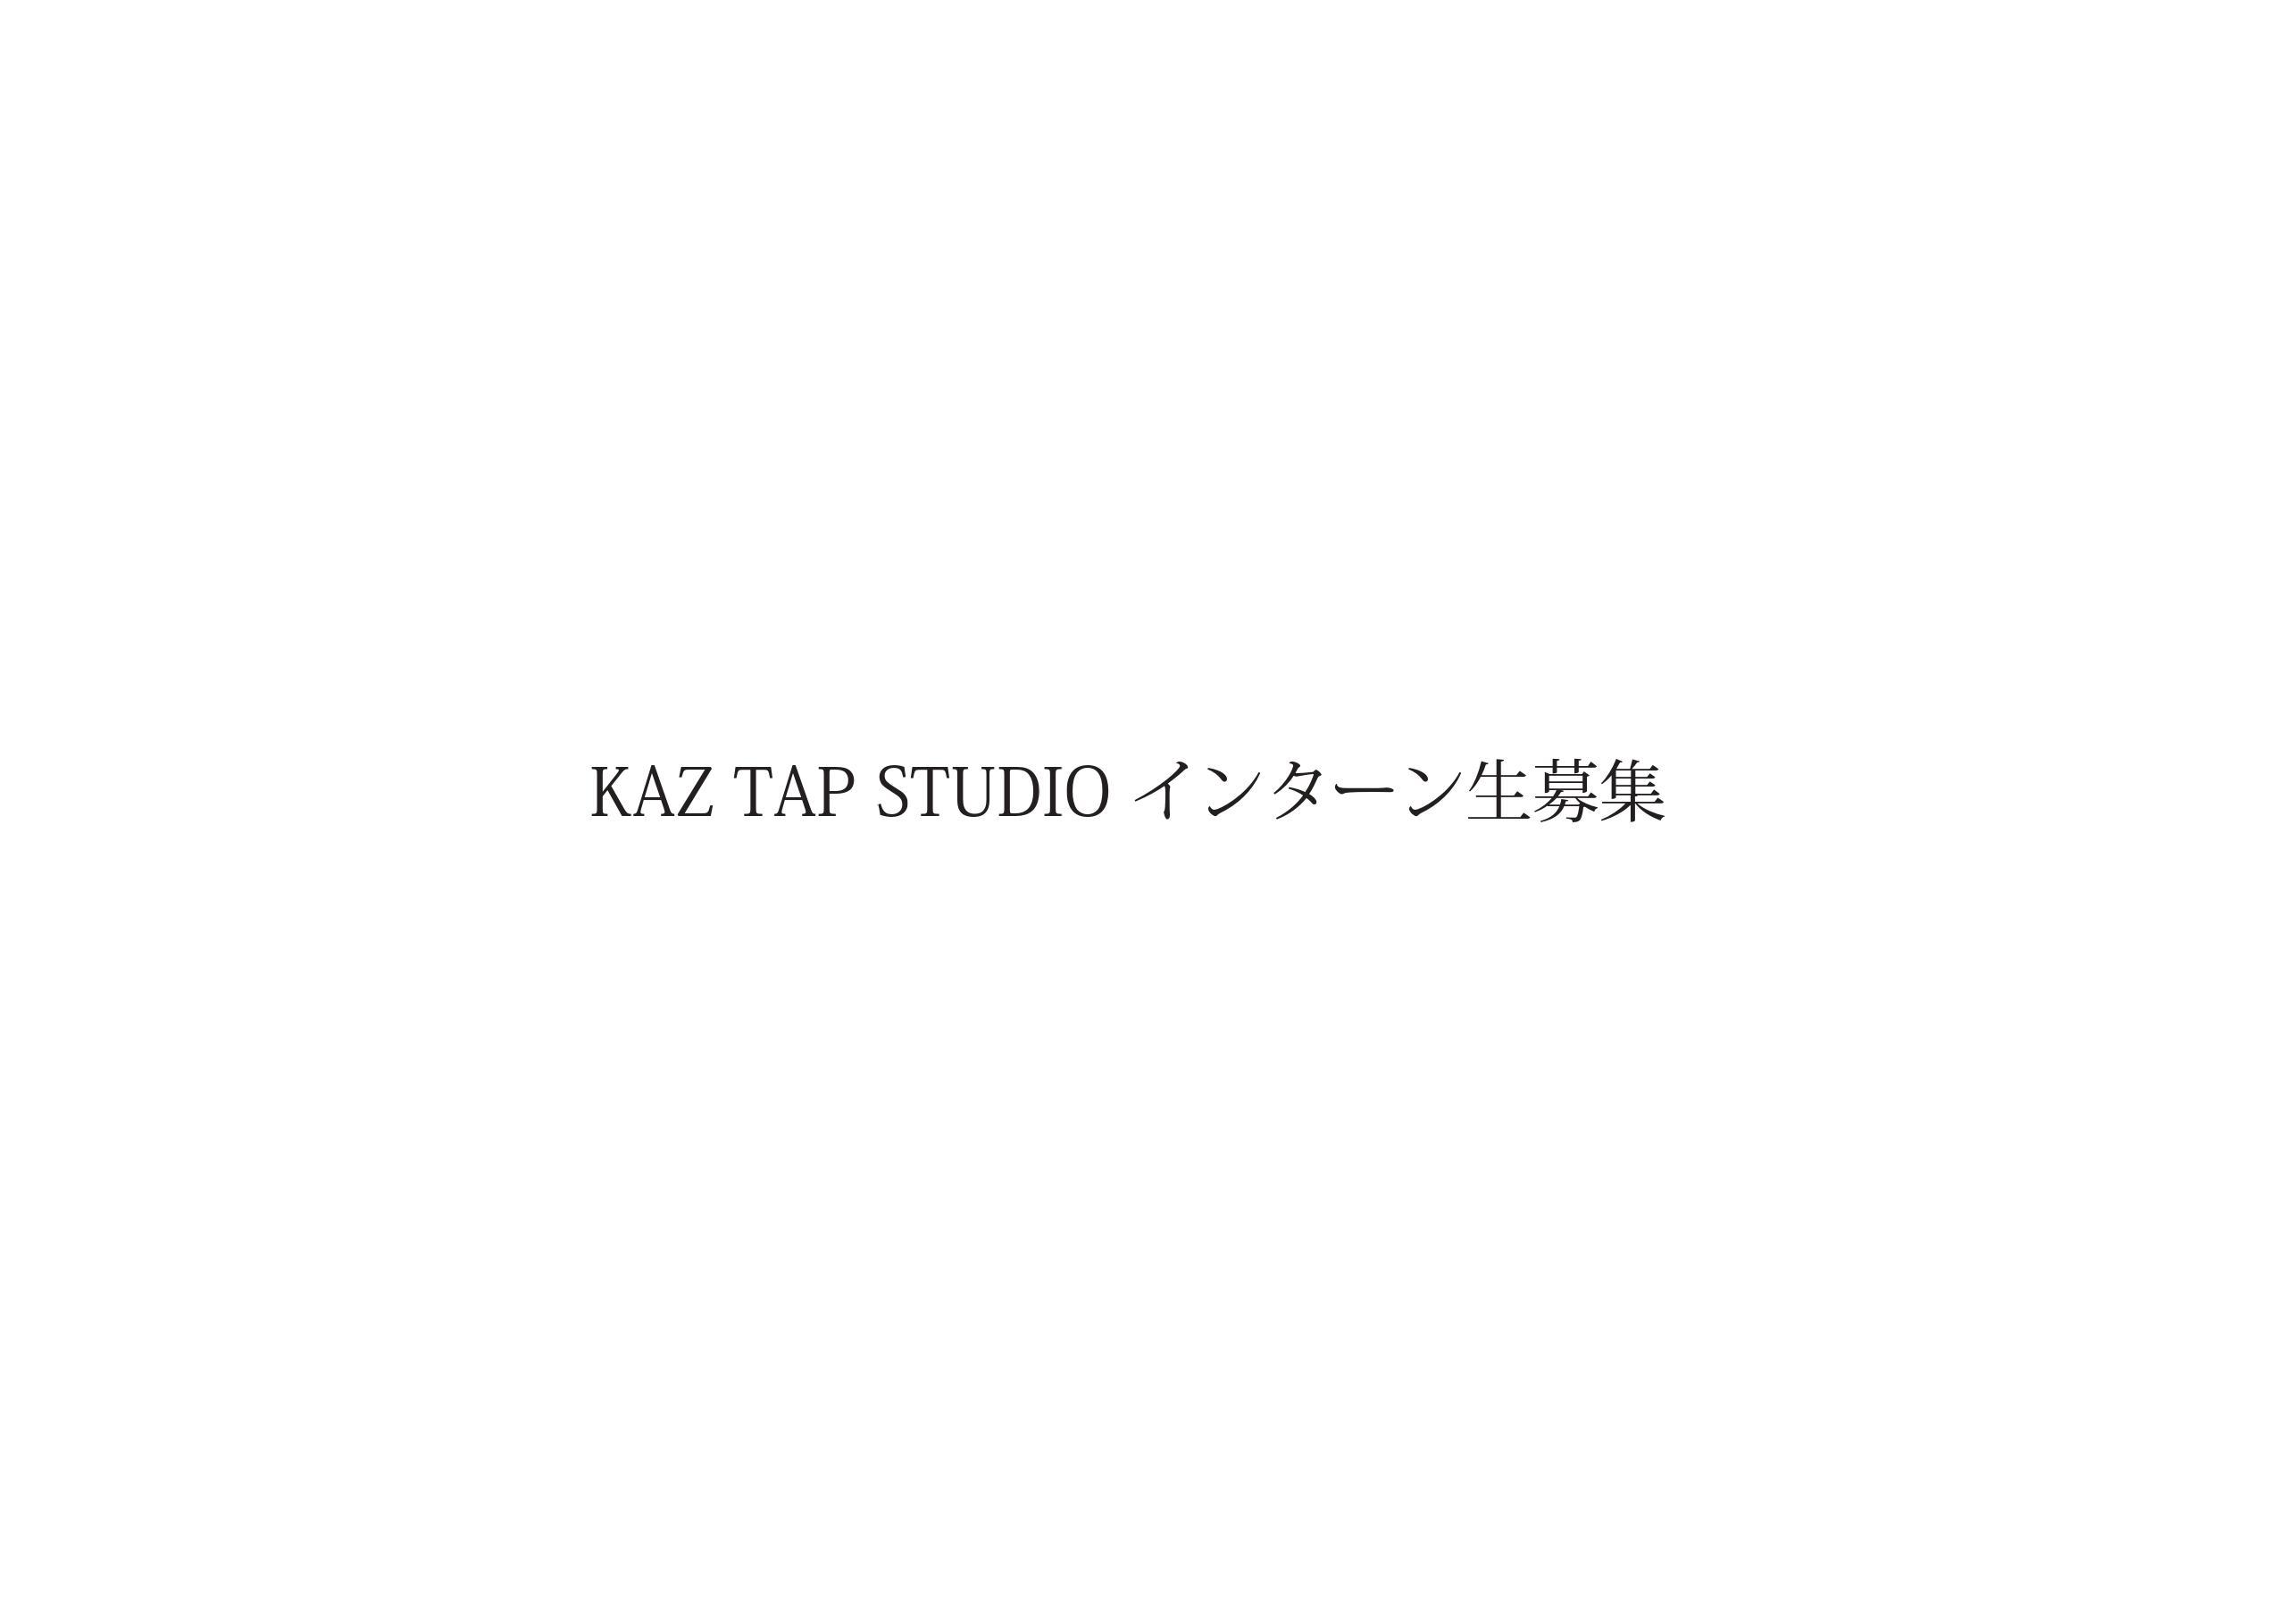 KAZ TAP STUDIOインターン生募集!!!_f0137346_18284568.jpg